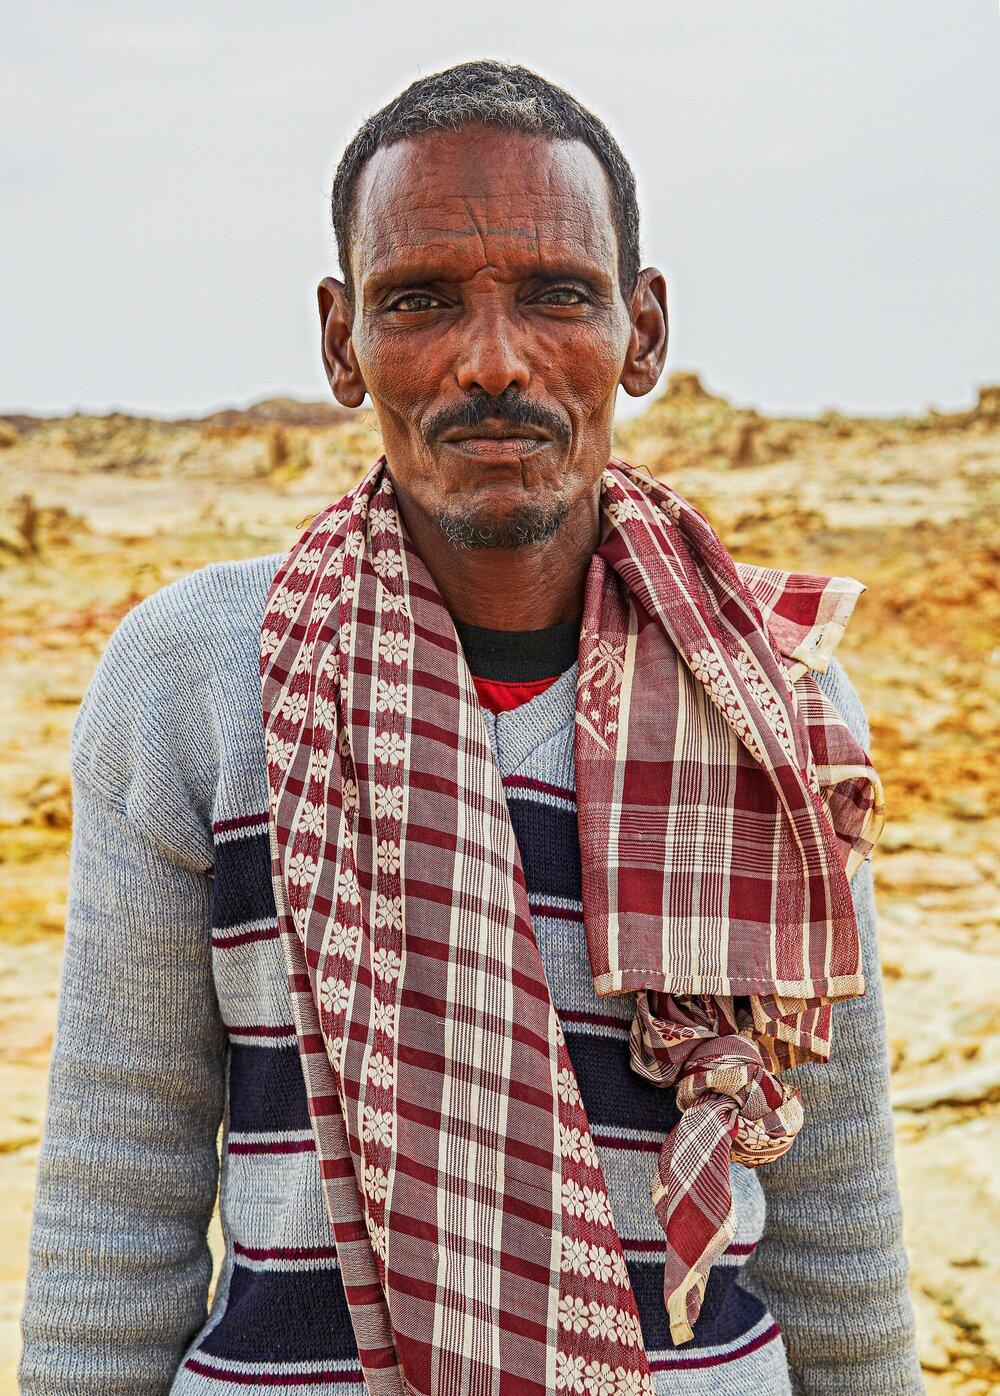 Afar Region, Northern Ethiopia